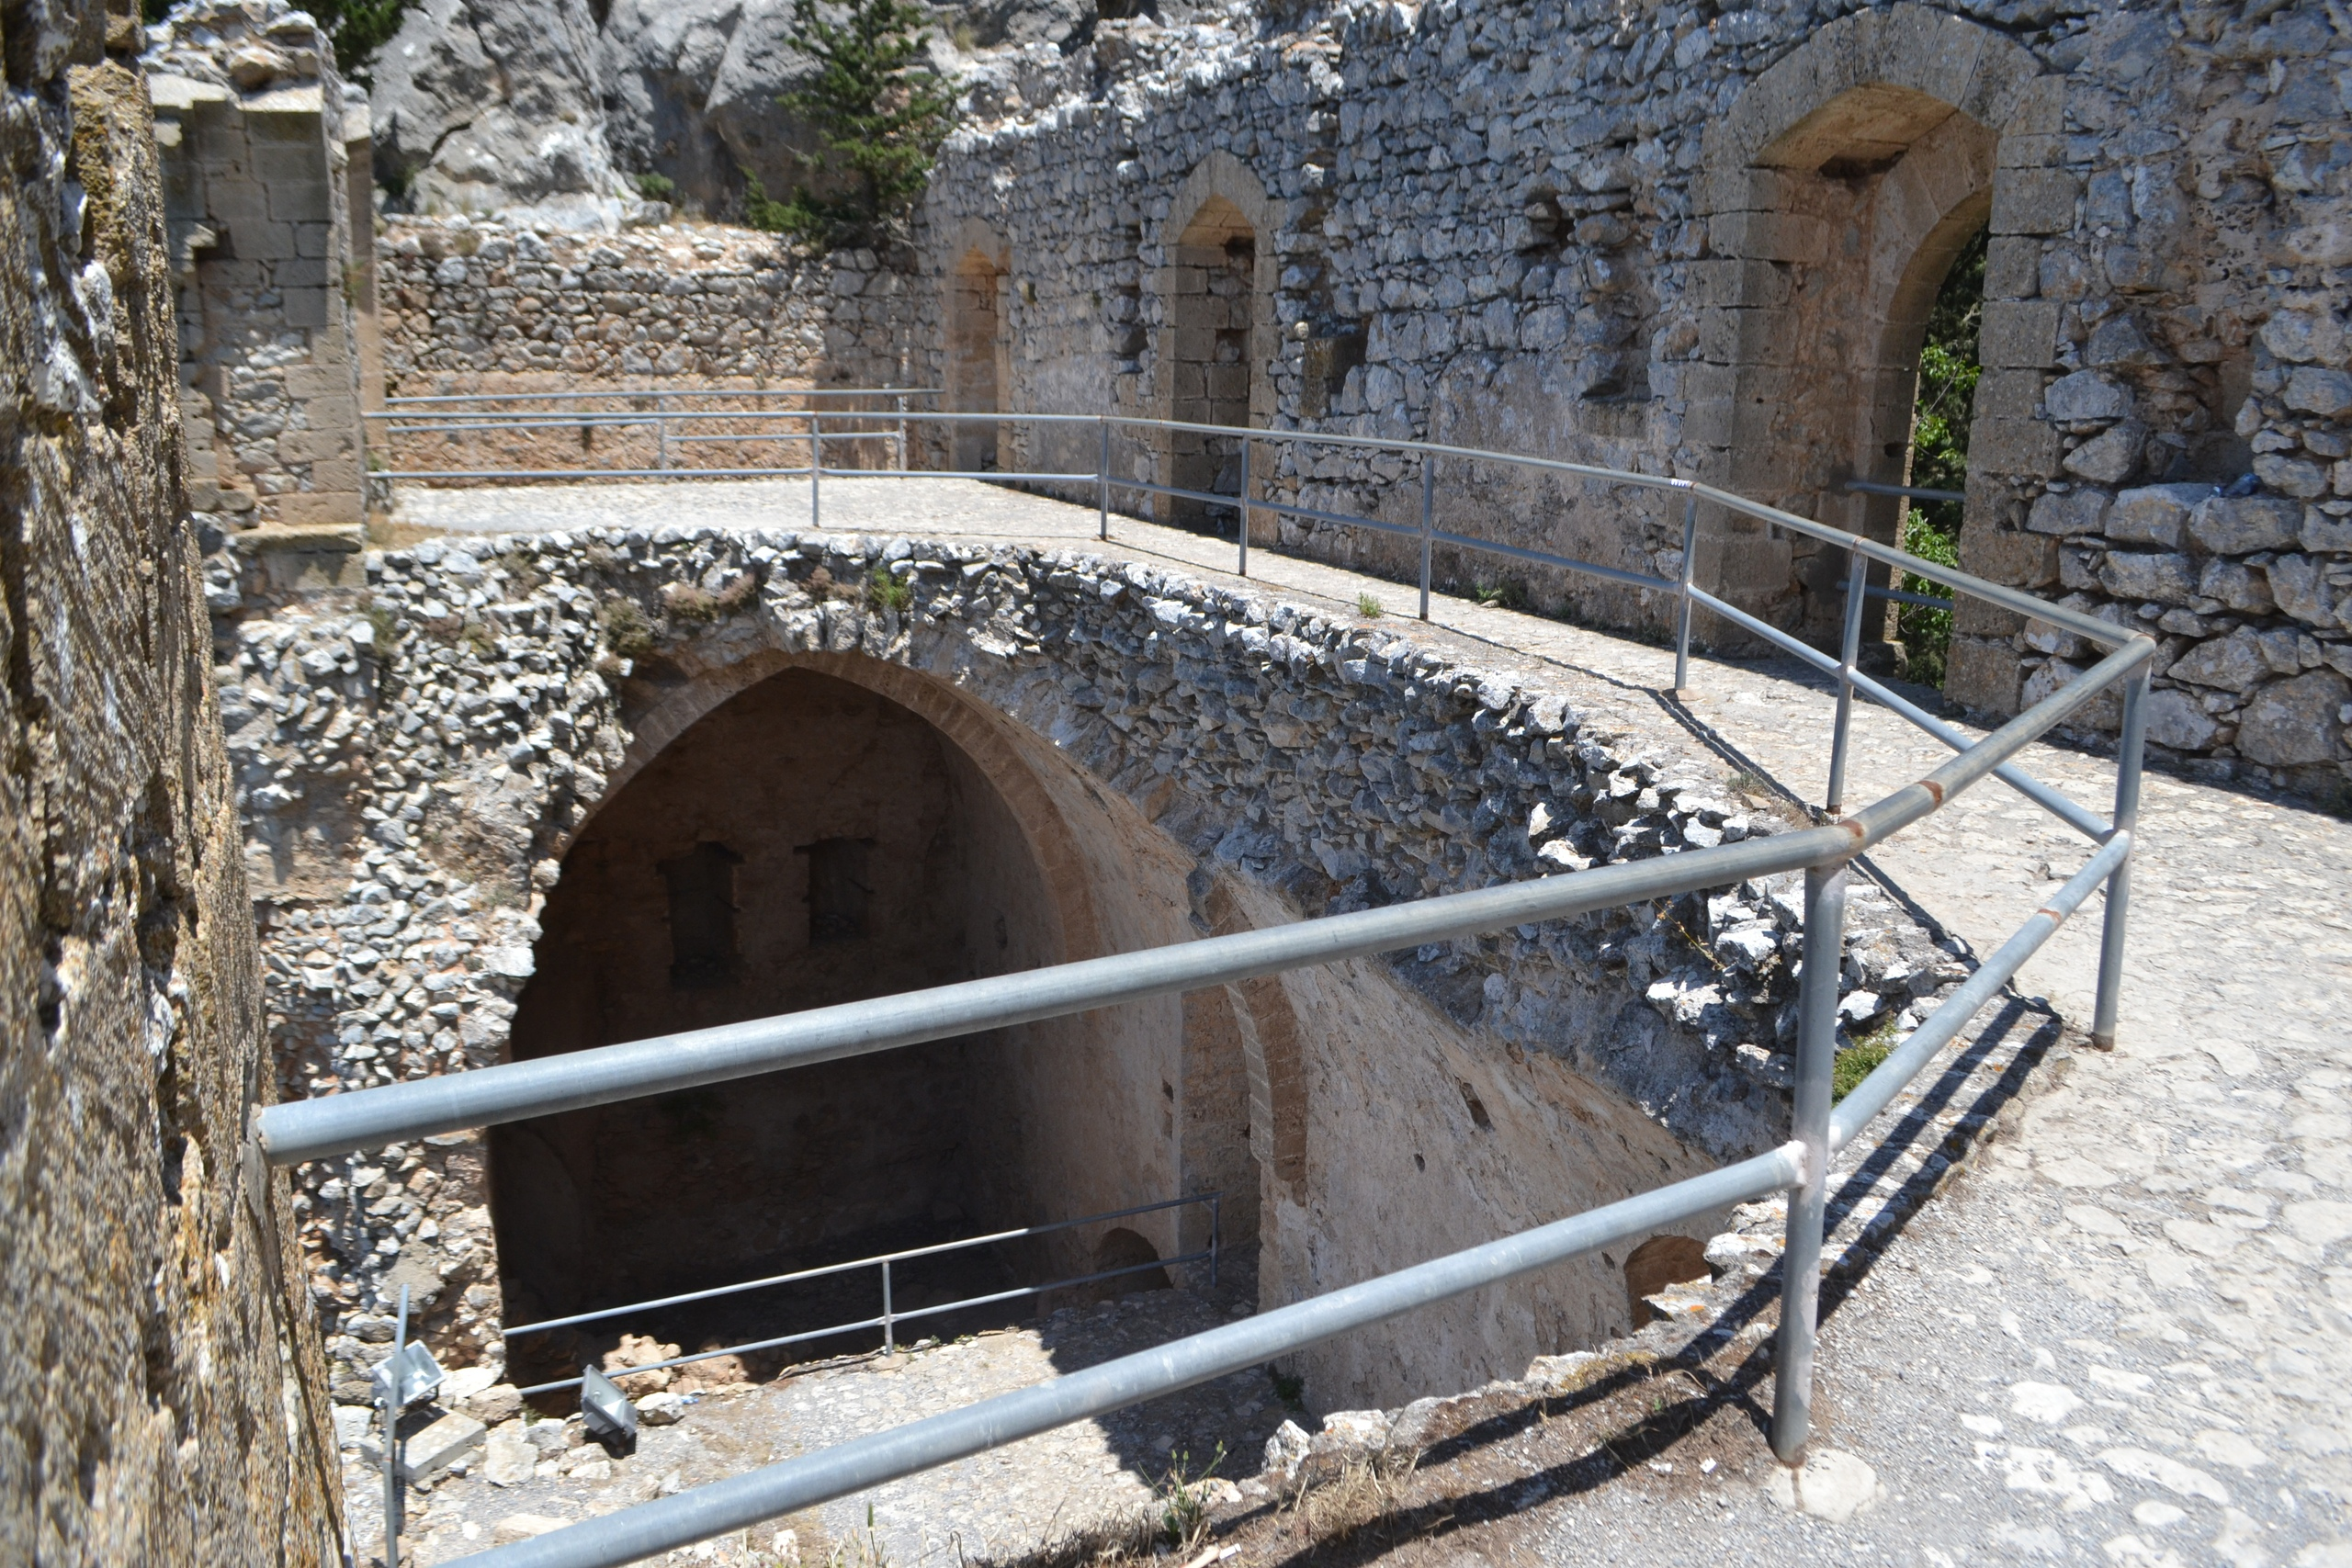 Северный Кипр. Замок Святого Иллариона. (фото). - Страница 3 RlLSH-8THgM